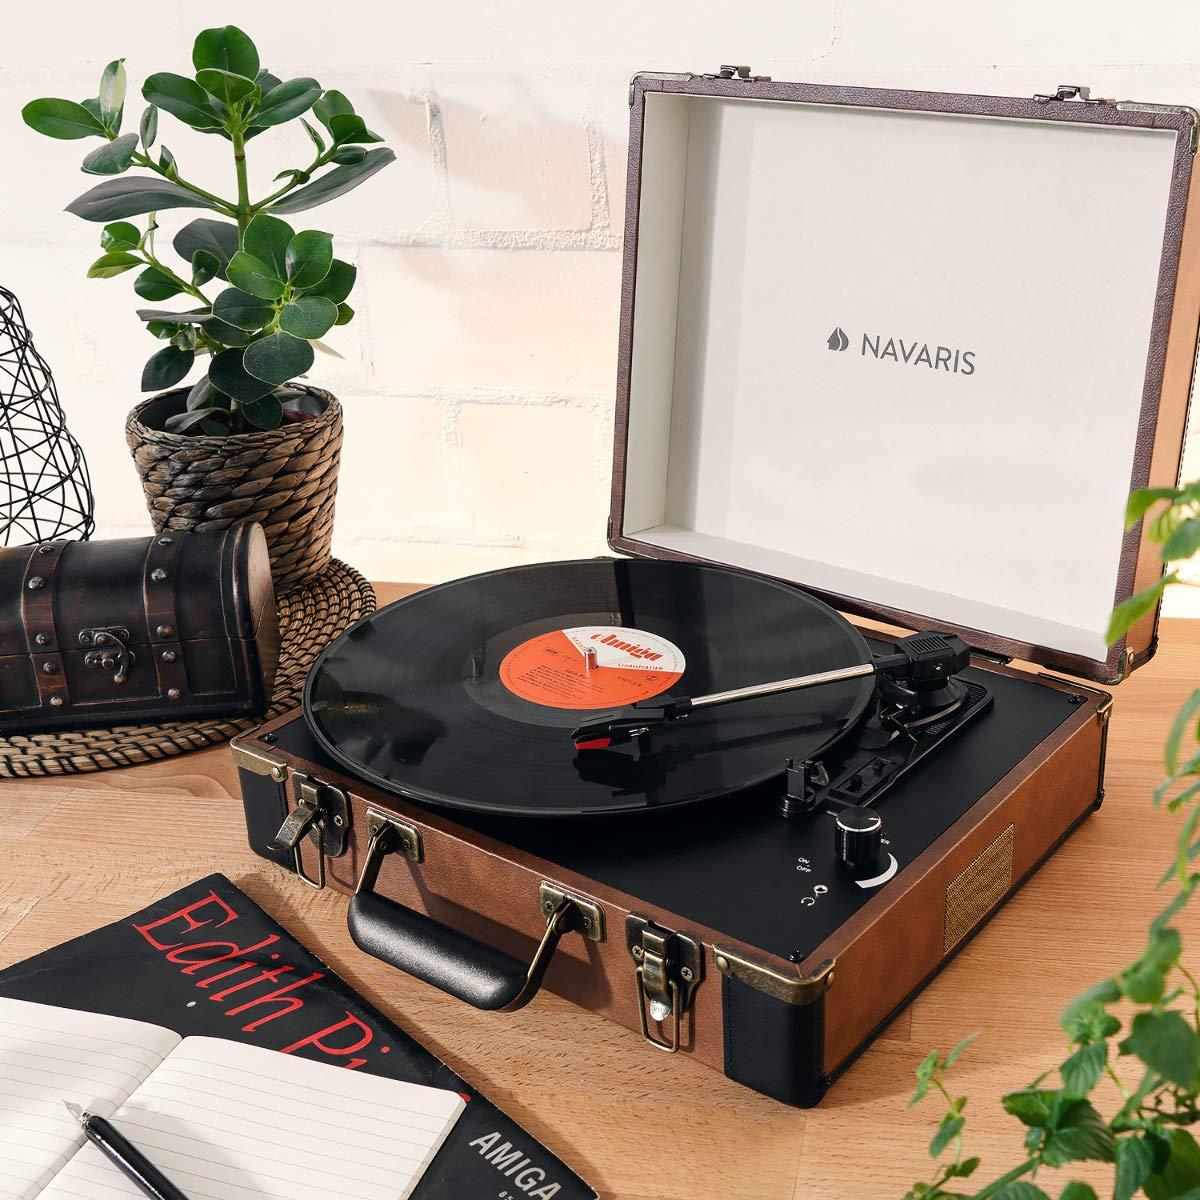 Navaris Tocadiscos Retro con Forma de Maleta - Giradiscos con Altavoces incorporados y grabación a MP3 - Tornamesa con Puerto USB en Marrón-Negro